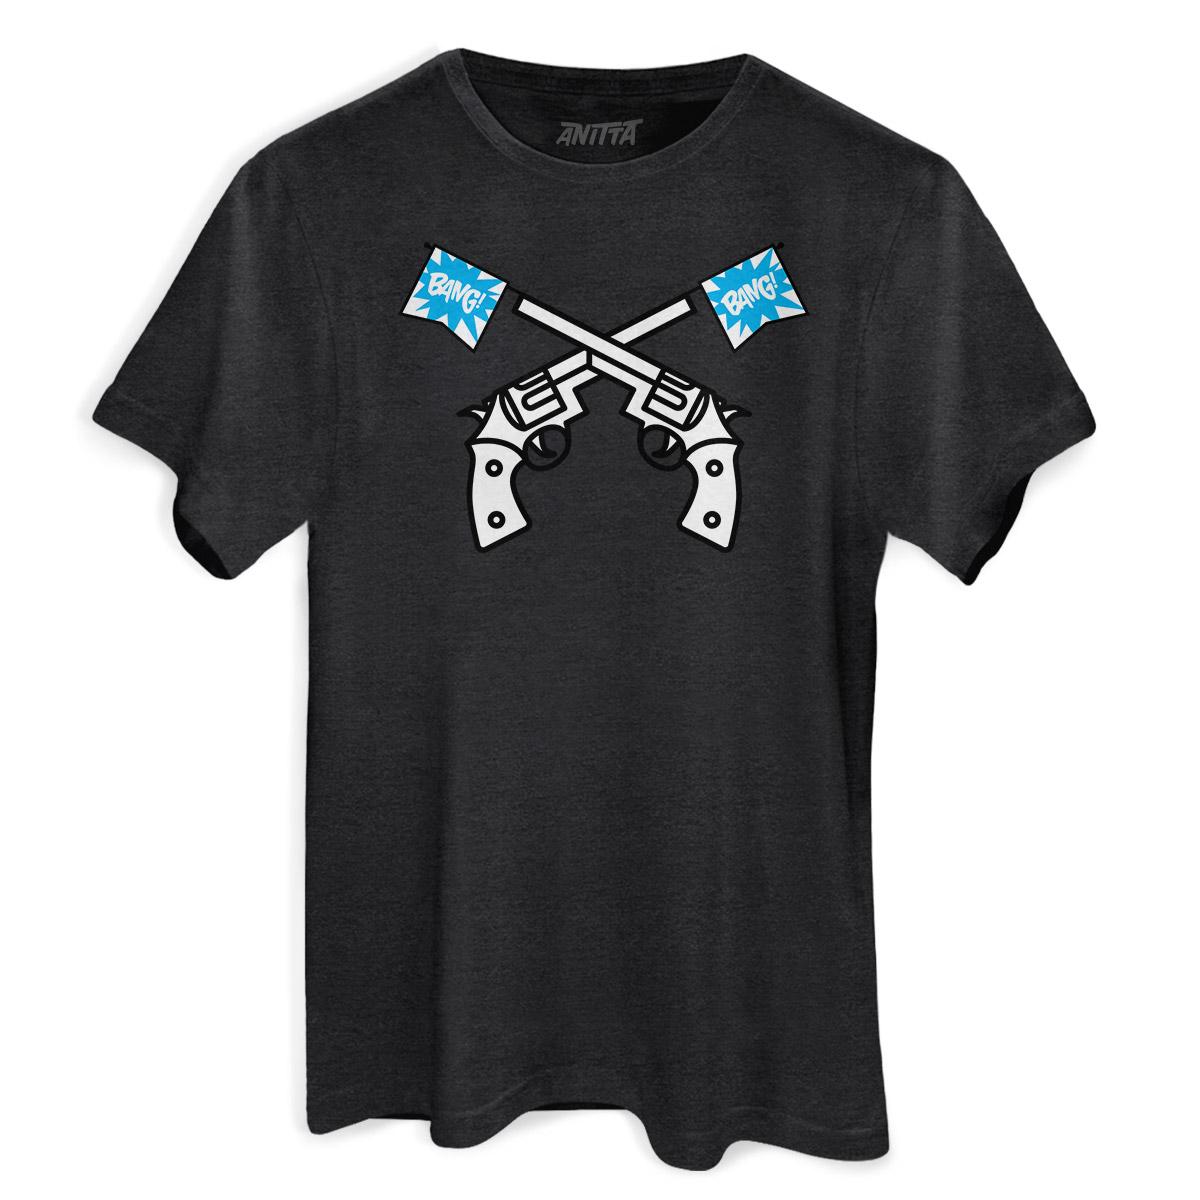 T-shirt Premium Masculina Anitta Bang! Bang!